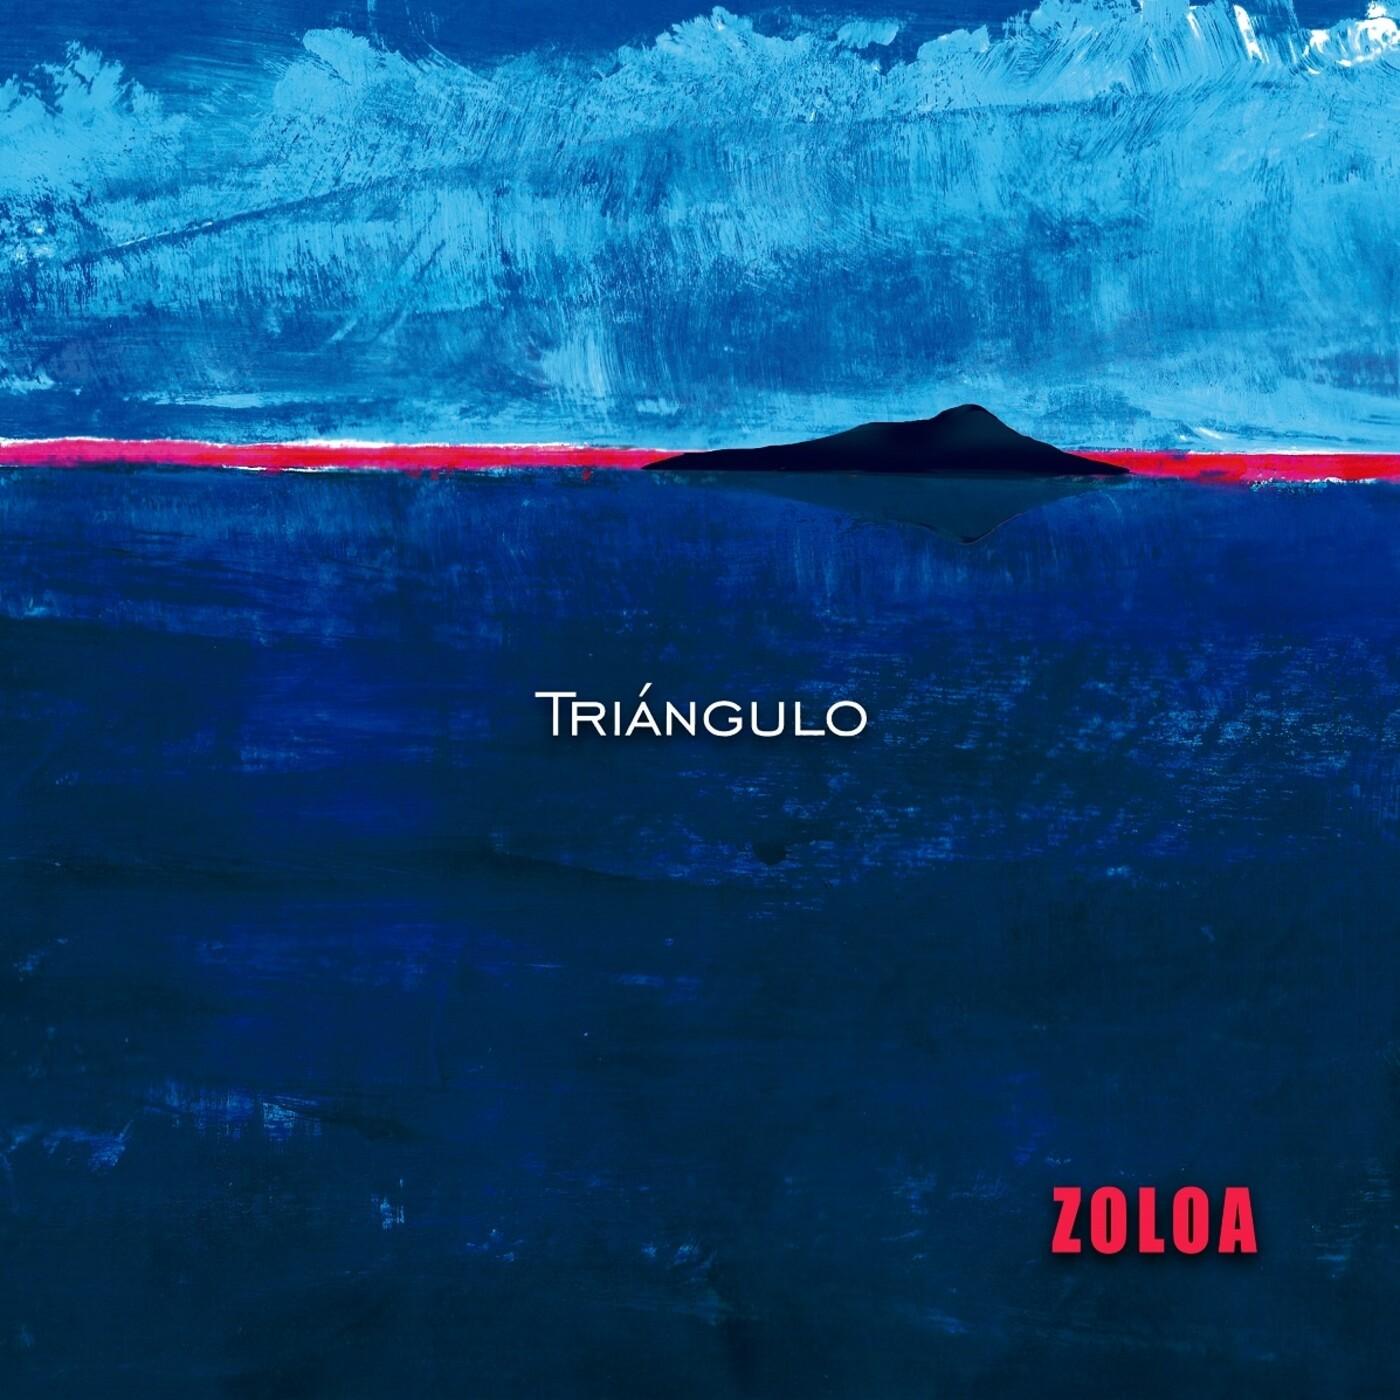 Marcelo Zoloa 07 08 2020 em TDKrock con Silvio Soler